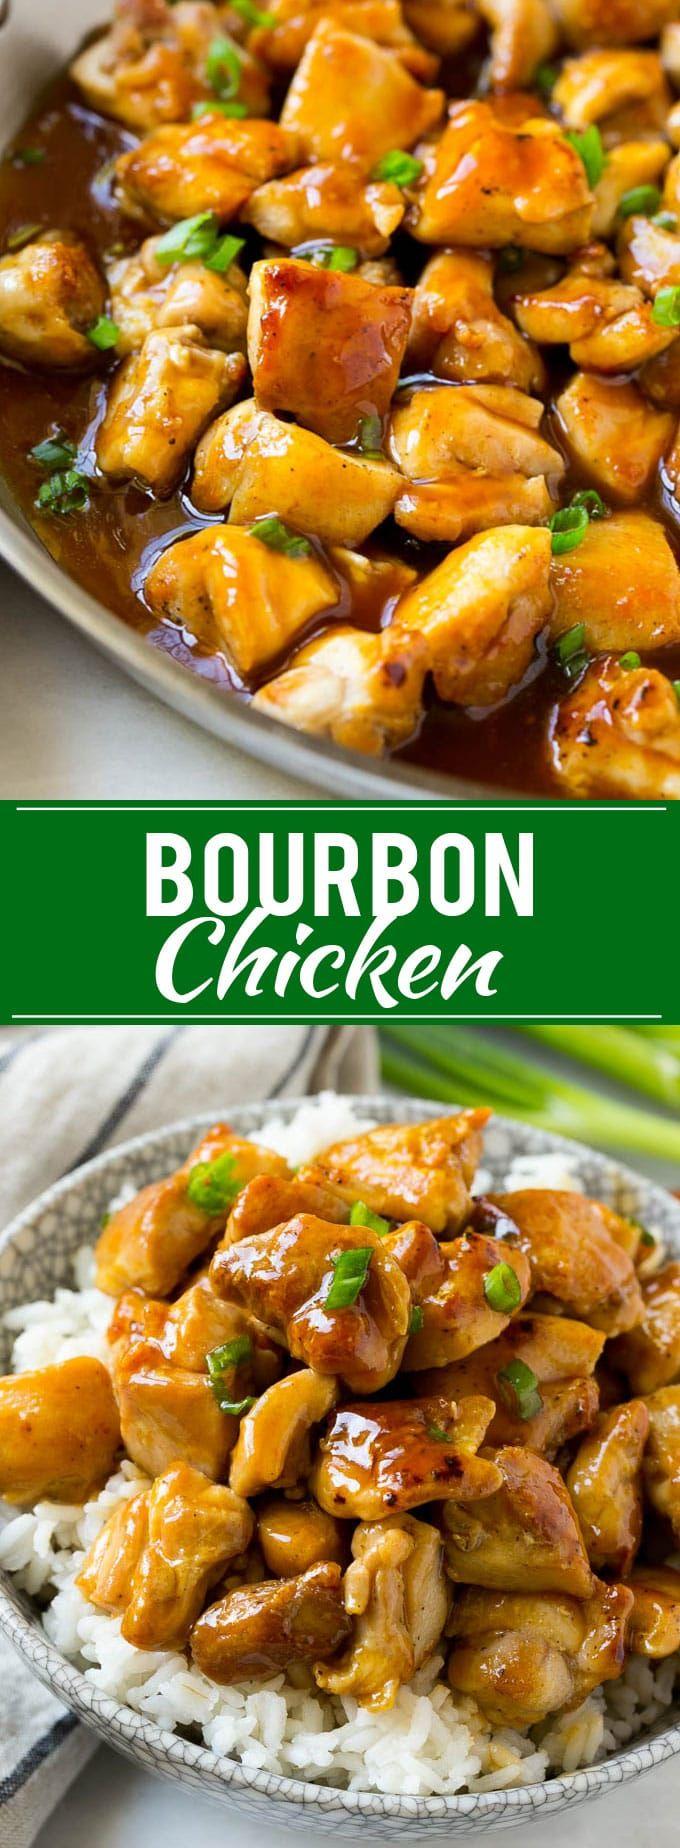 Bourbon chicken sauteed chicken chicken stir fry easy chicken bourbon chicken sauteed chicken chicken stir fry easy chicken recipe forumfinder Images